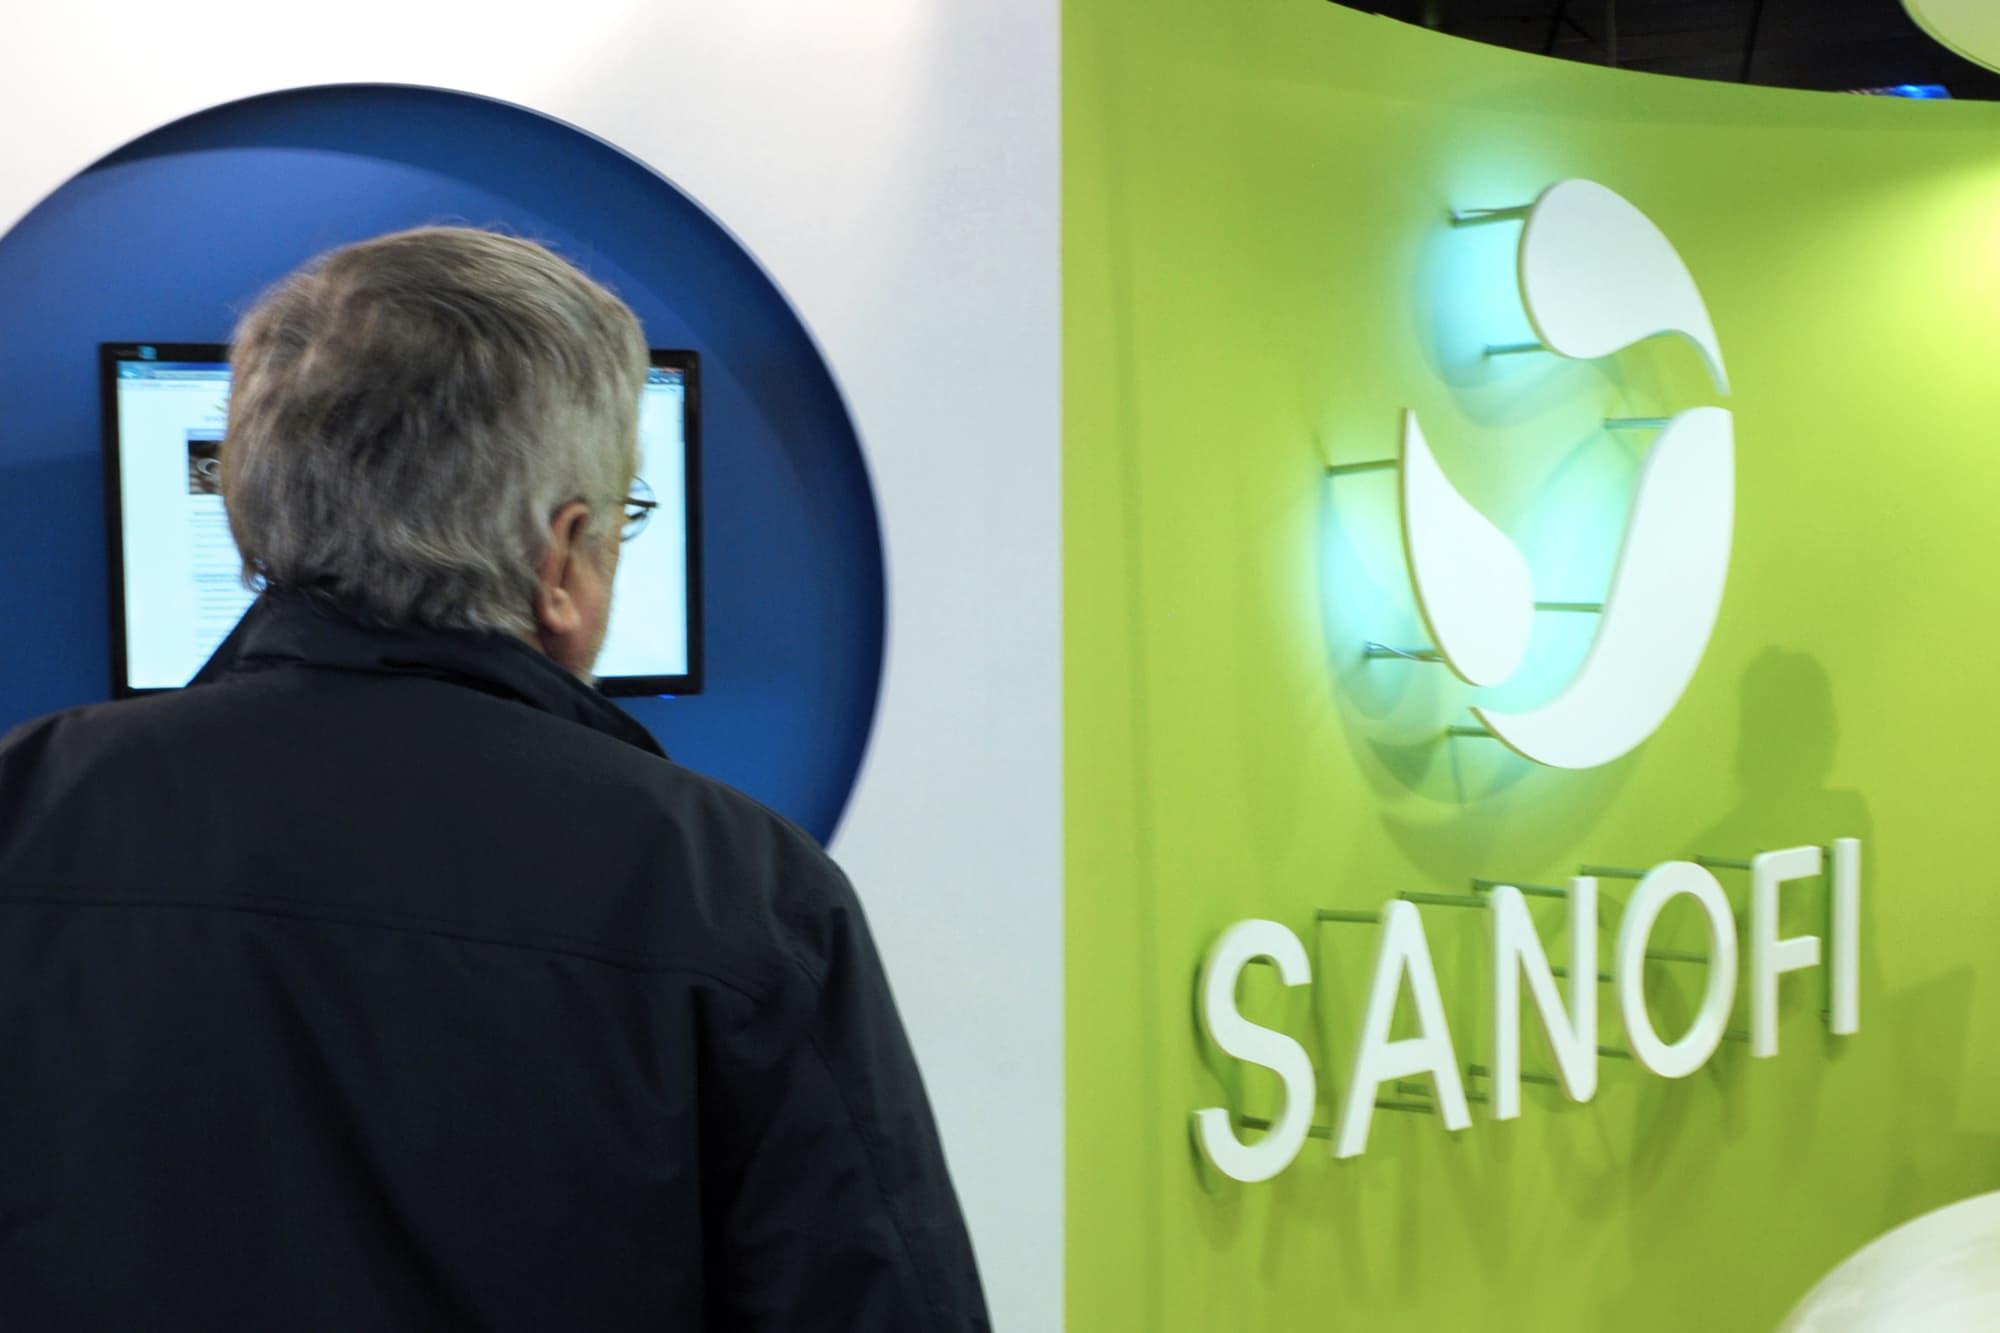 Sanofi digs deep to buy us hemophilia specialist bioverativ for sanofi digs deep to buy us hemophilia specialist bioverativ for 116 billion buycottarizona